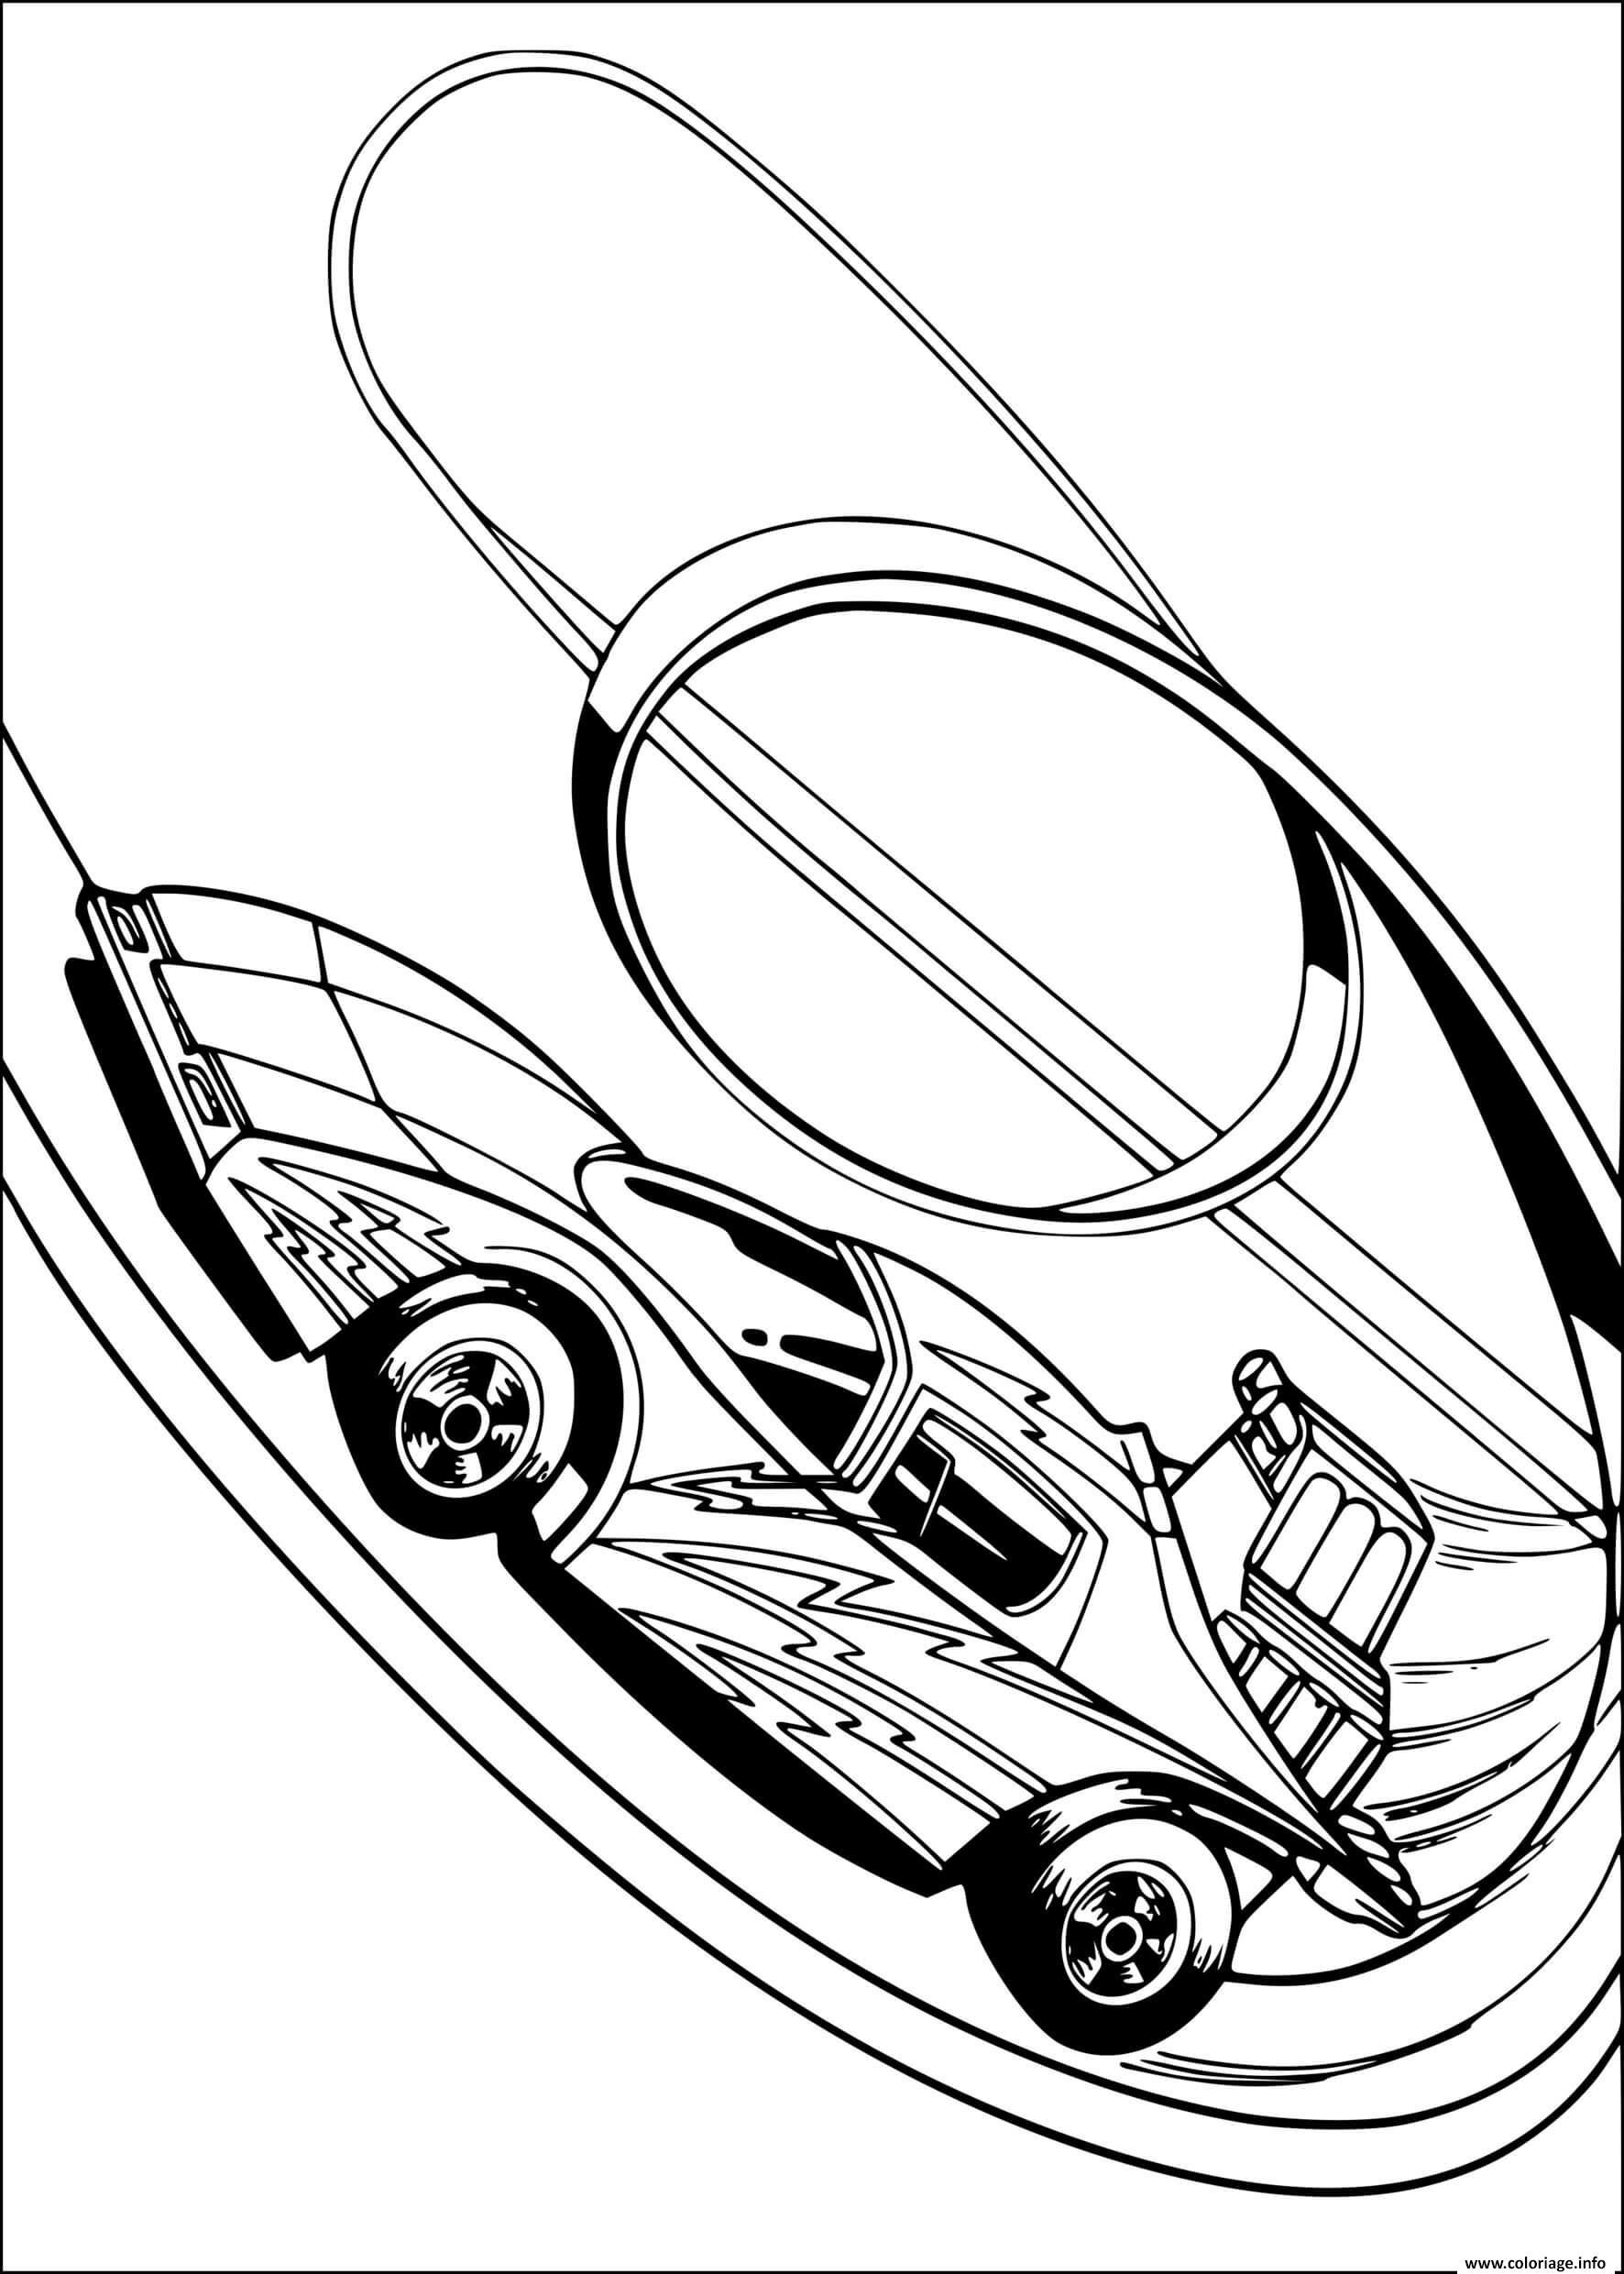 Dessin six shooter wheeled voiture Coloriage Gratuit à Imprimer